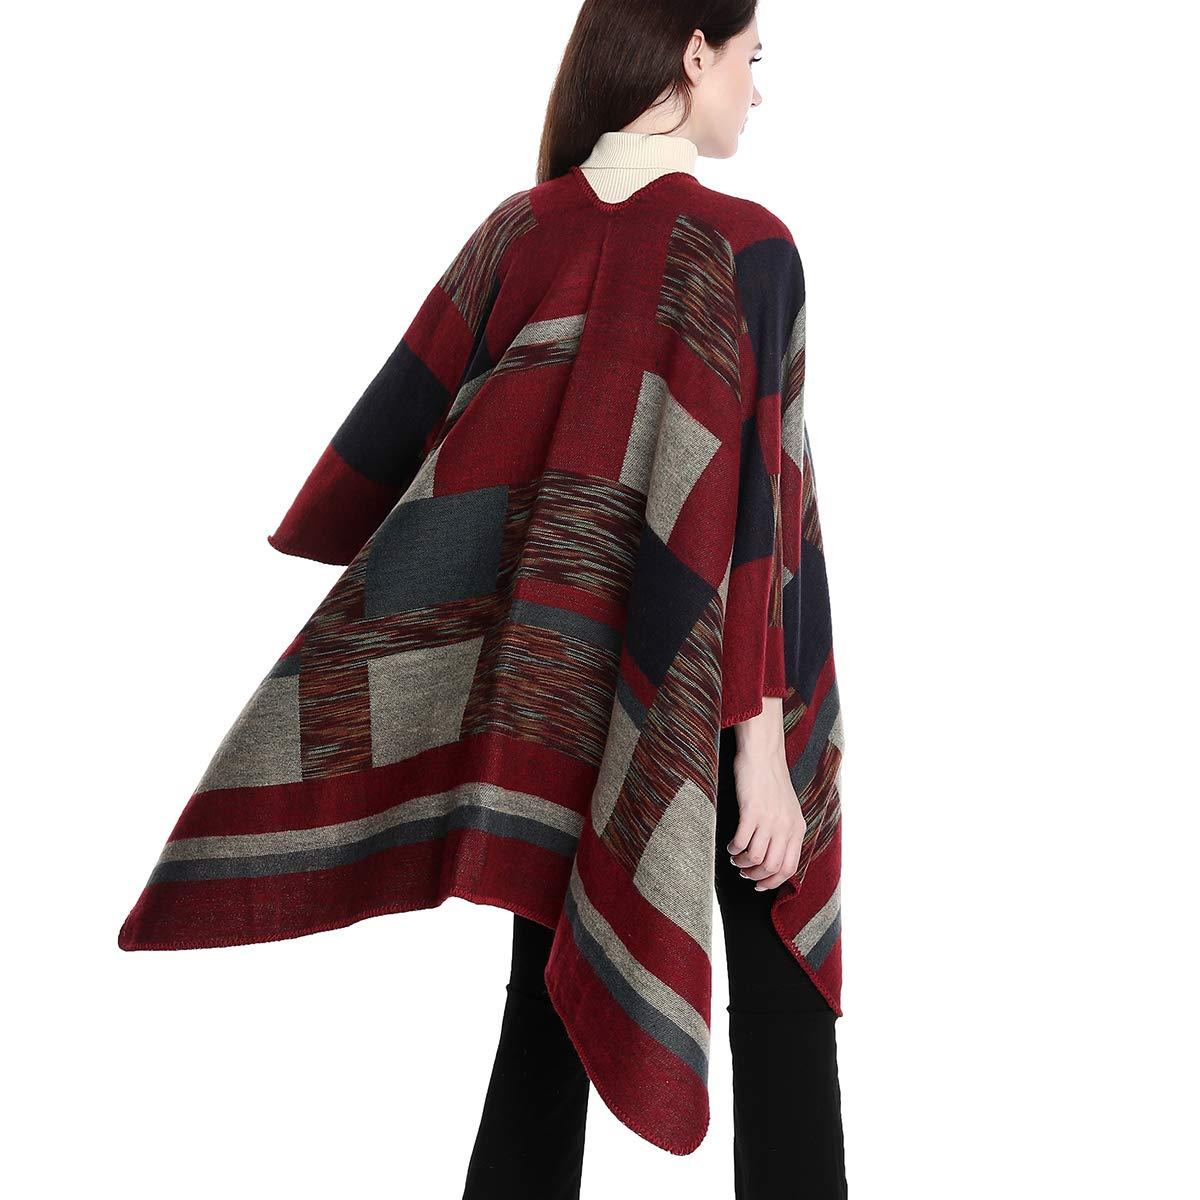 34 + Colores Disponibles DoFiyeng Poncho Chal para Mujer con Capa Frontal Abierta y Elegante